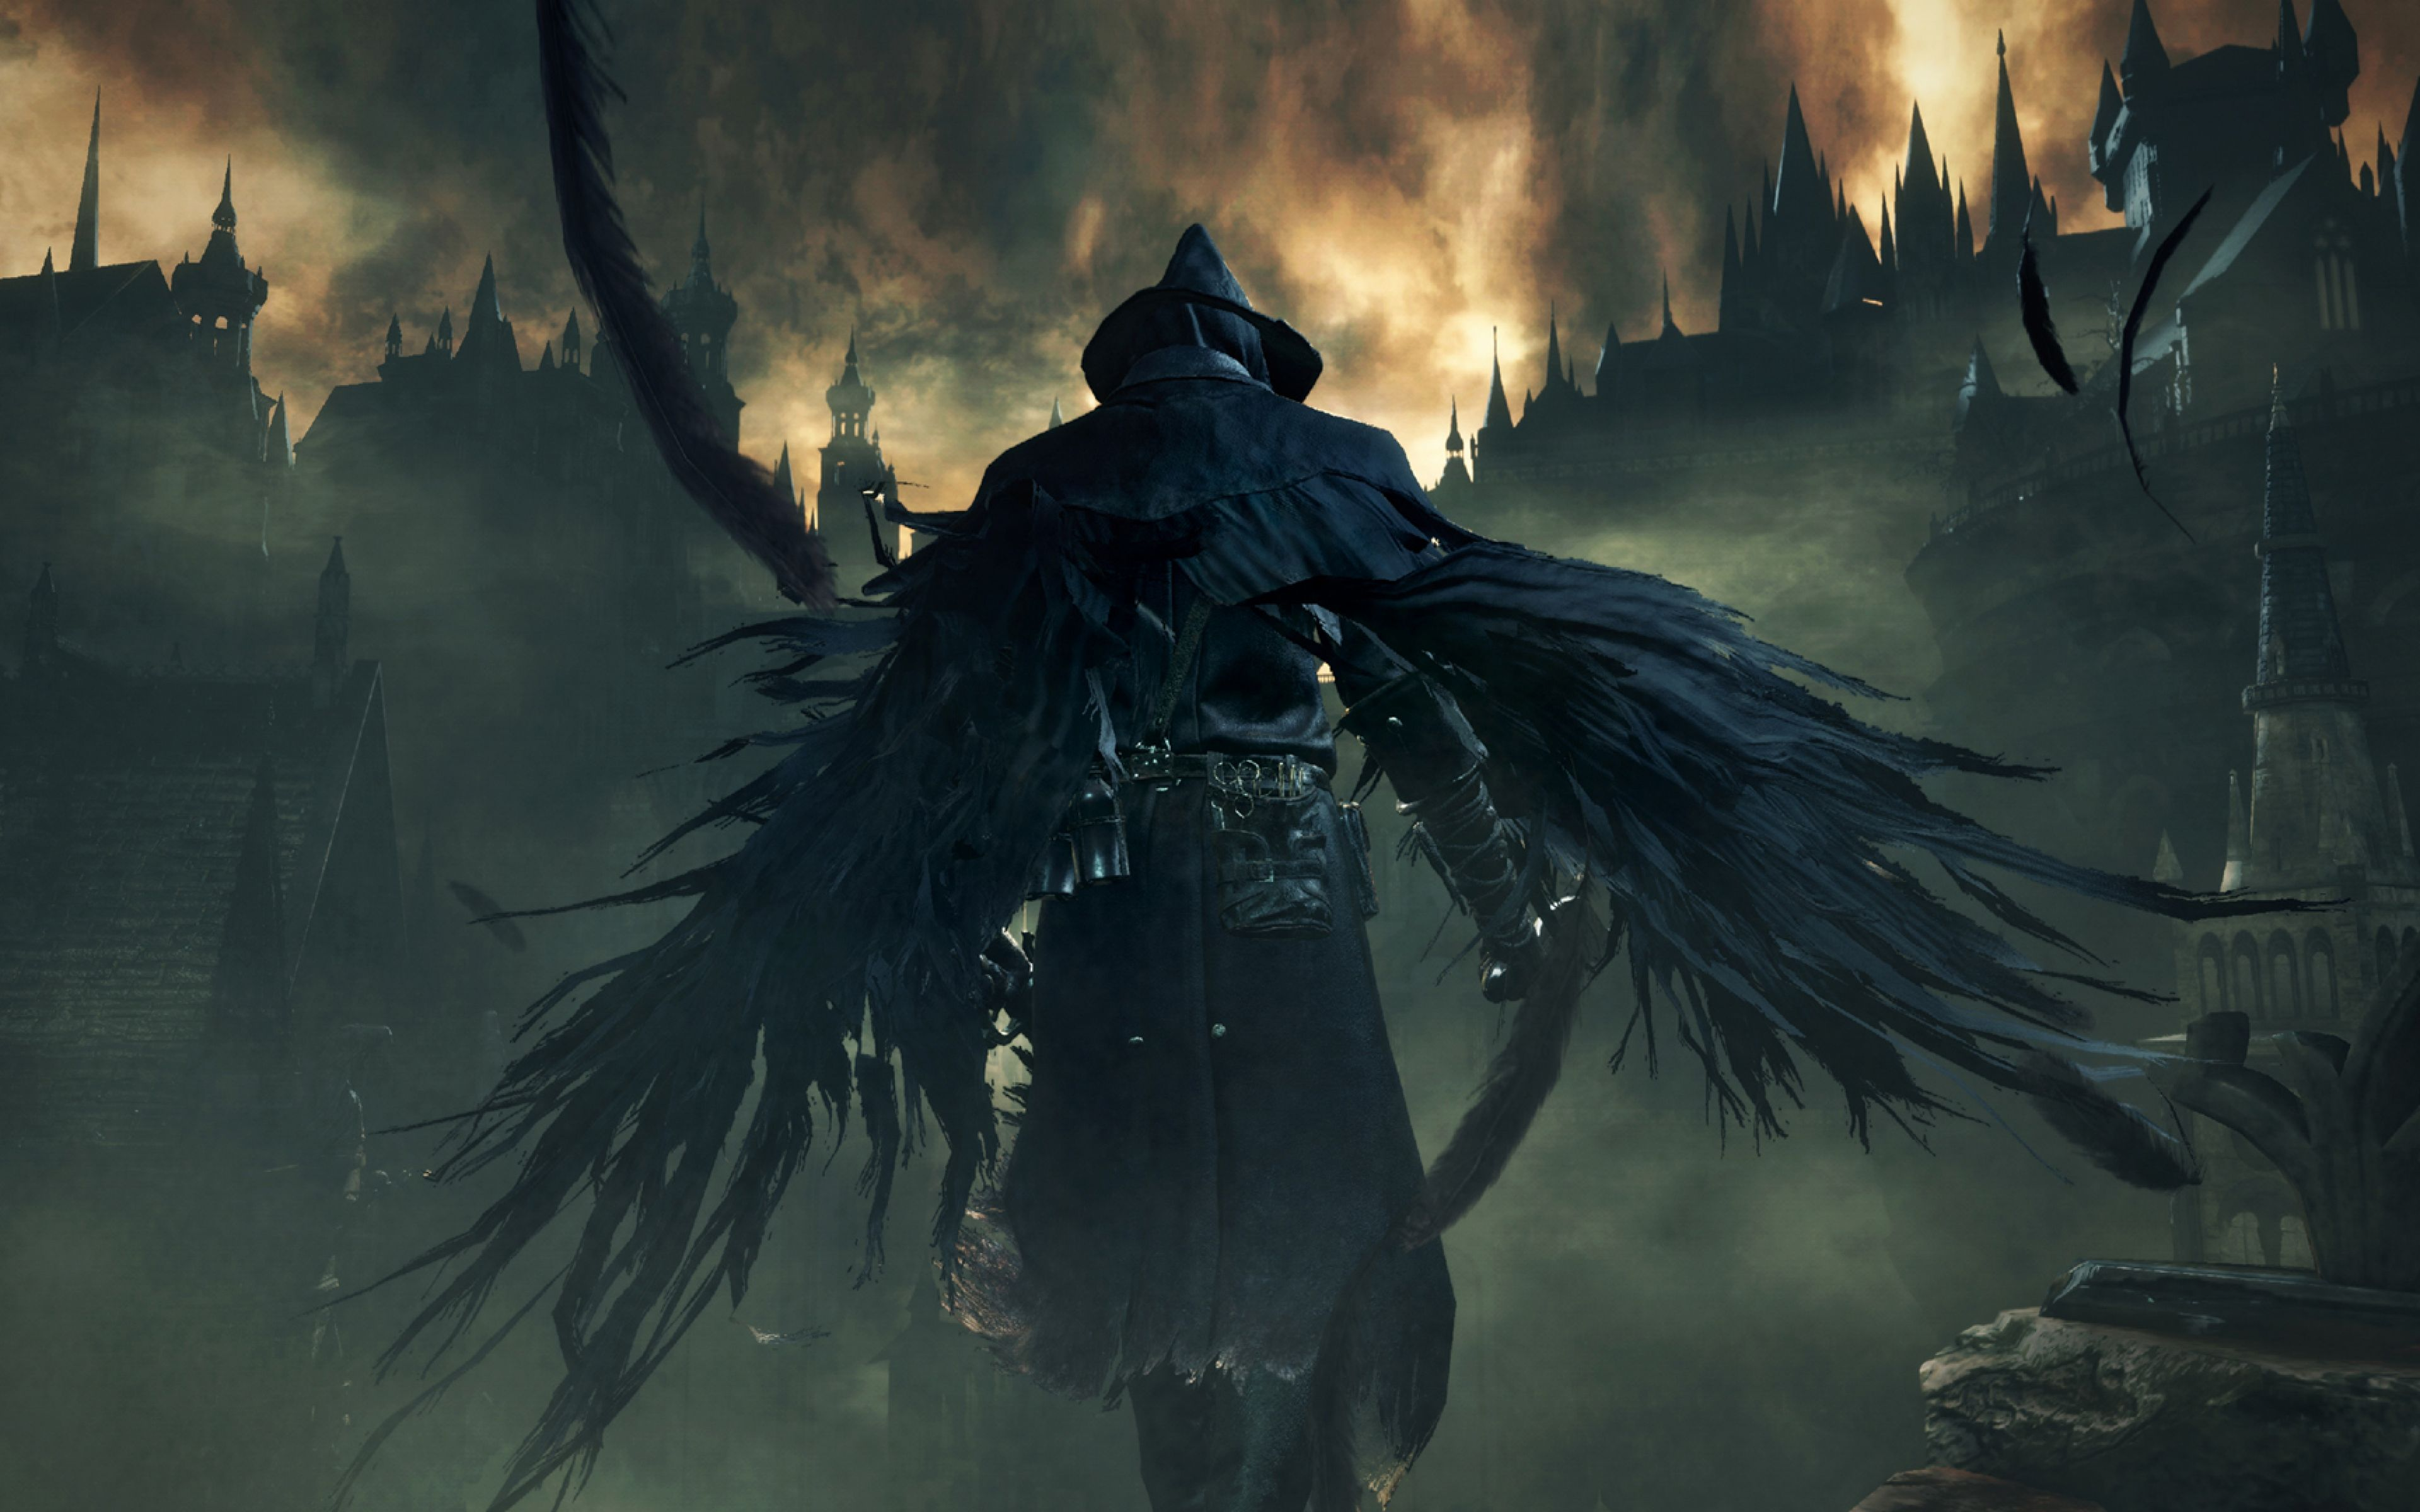 4K Dark Souls Wallpapers - Top Free 4K Dark Souls ...